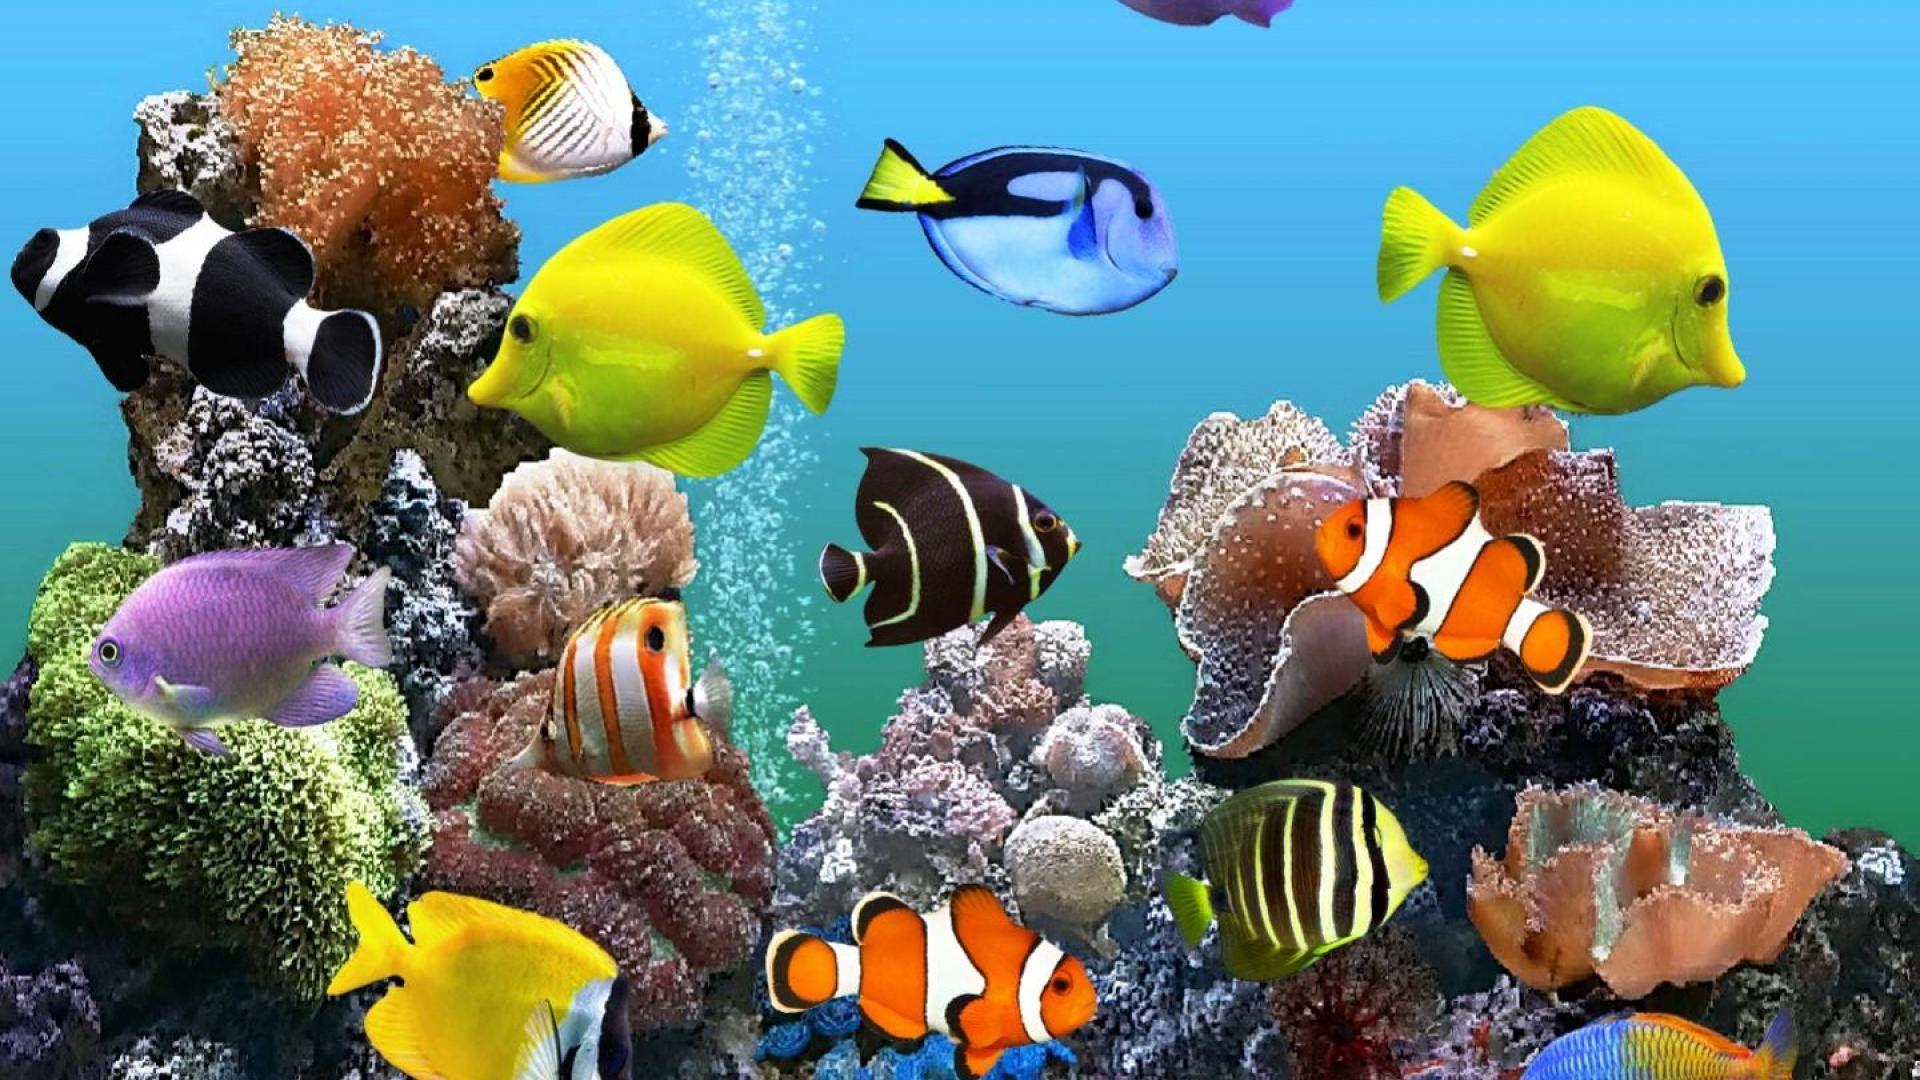 The Best 3D Aquarium Wallpaper